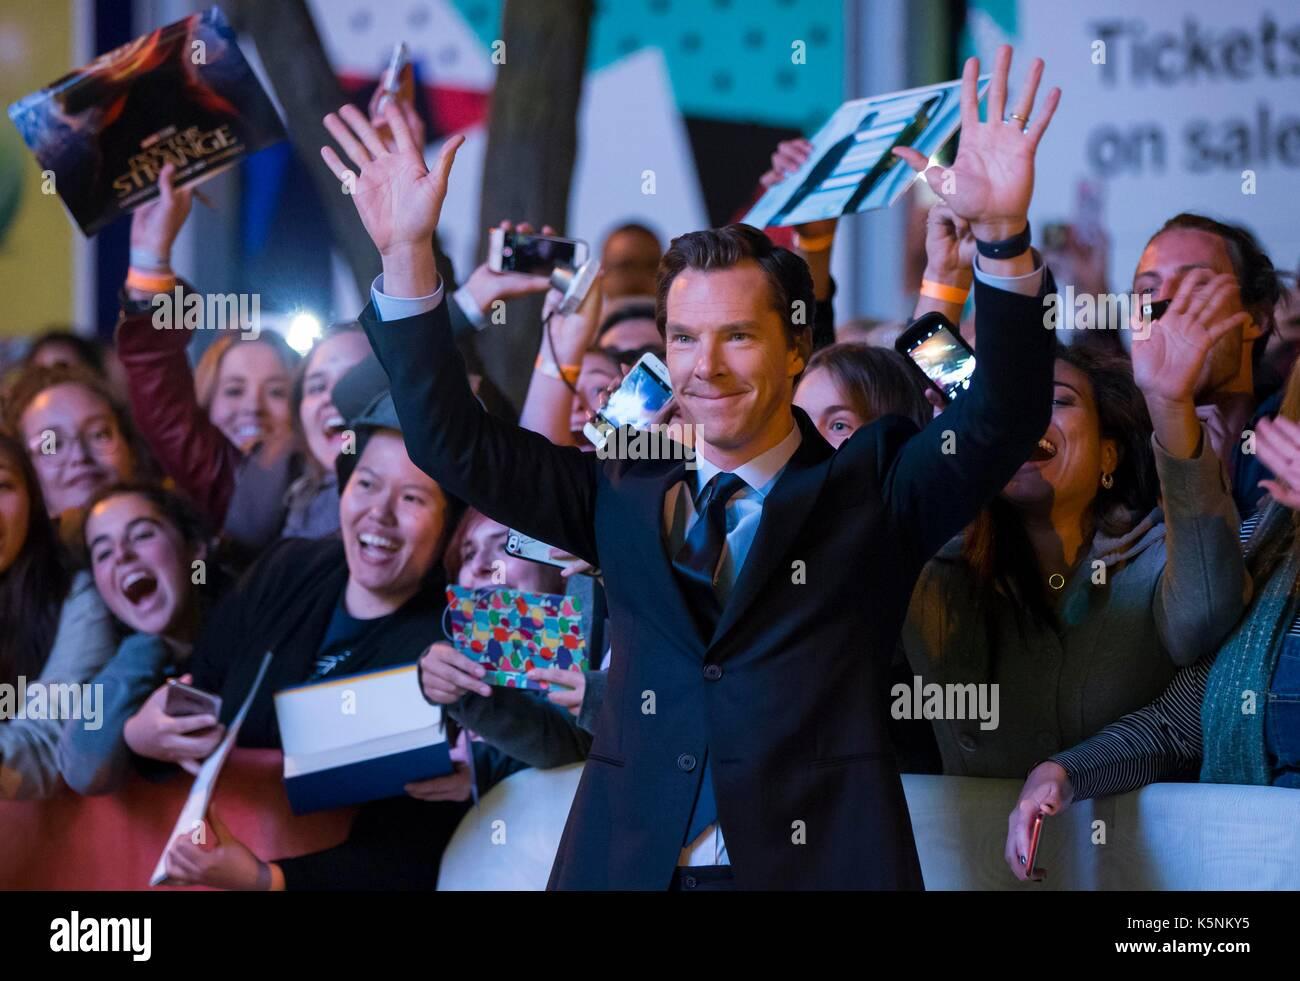 Toronto, Canada. Sep 9, 2017. L'acteur benedict cumberbatch (avant) pose pour des photos avec les fans comme il assiste à la première mondiale du film 'La guerre' à Princess of Wales Theatre au cours de la 2017 Toronto International Film Festival de Toronto, Canada, sept. 9, 2017. crédit: zou zheng/Xinhua/Alamy live news Photo Stock